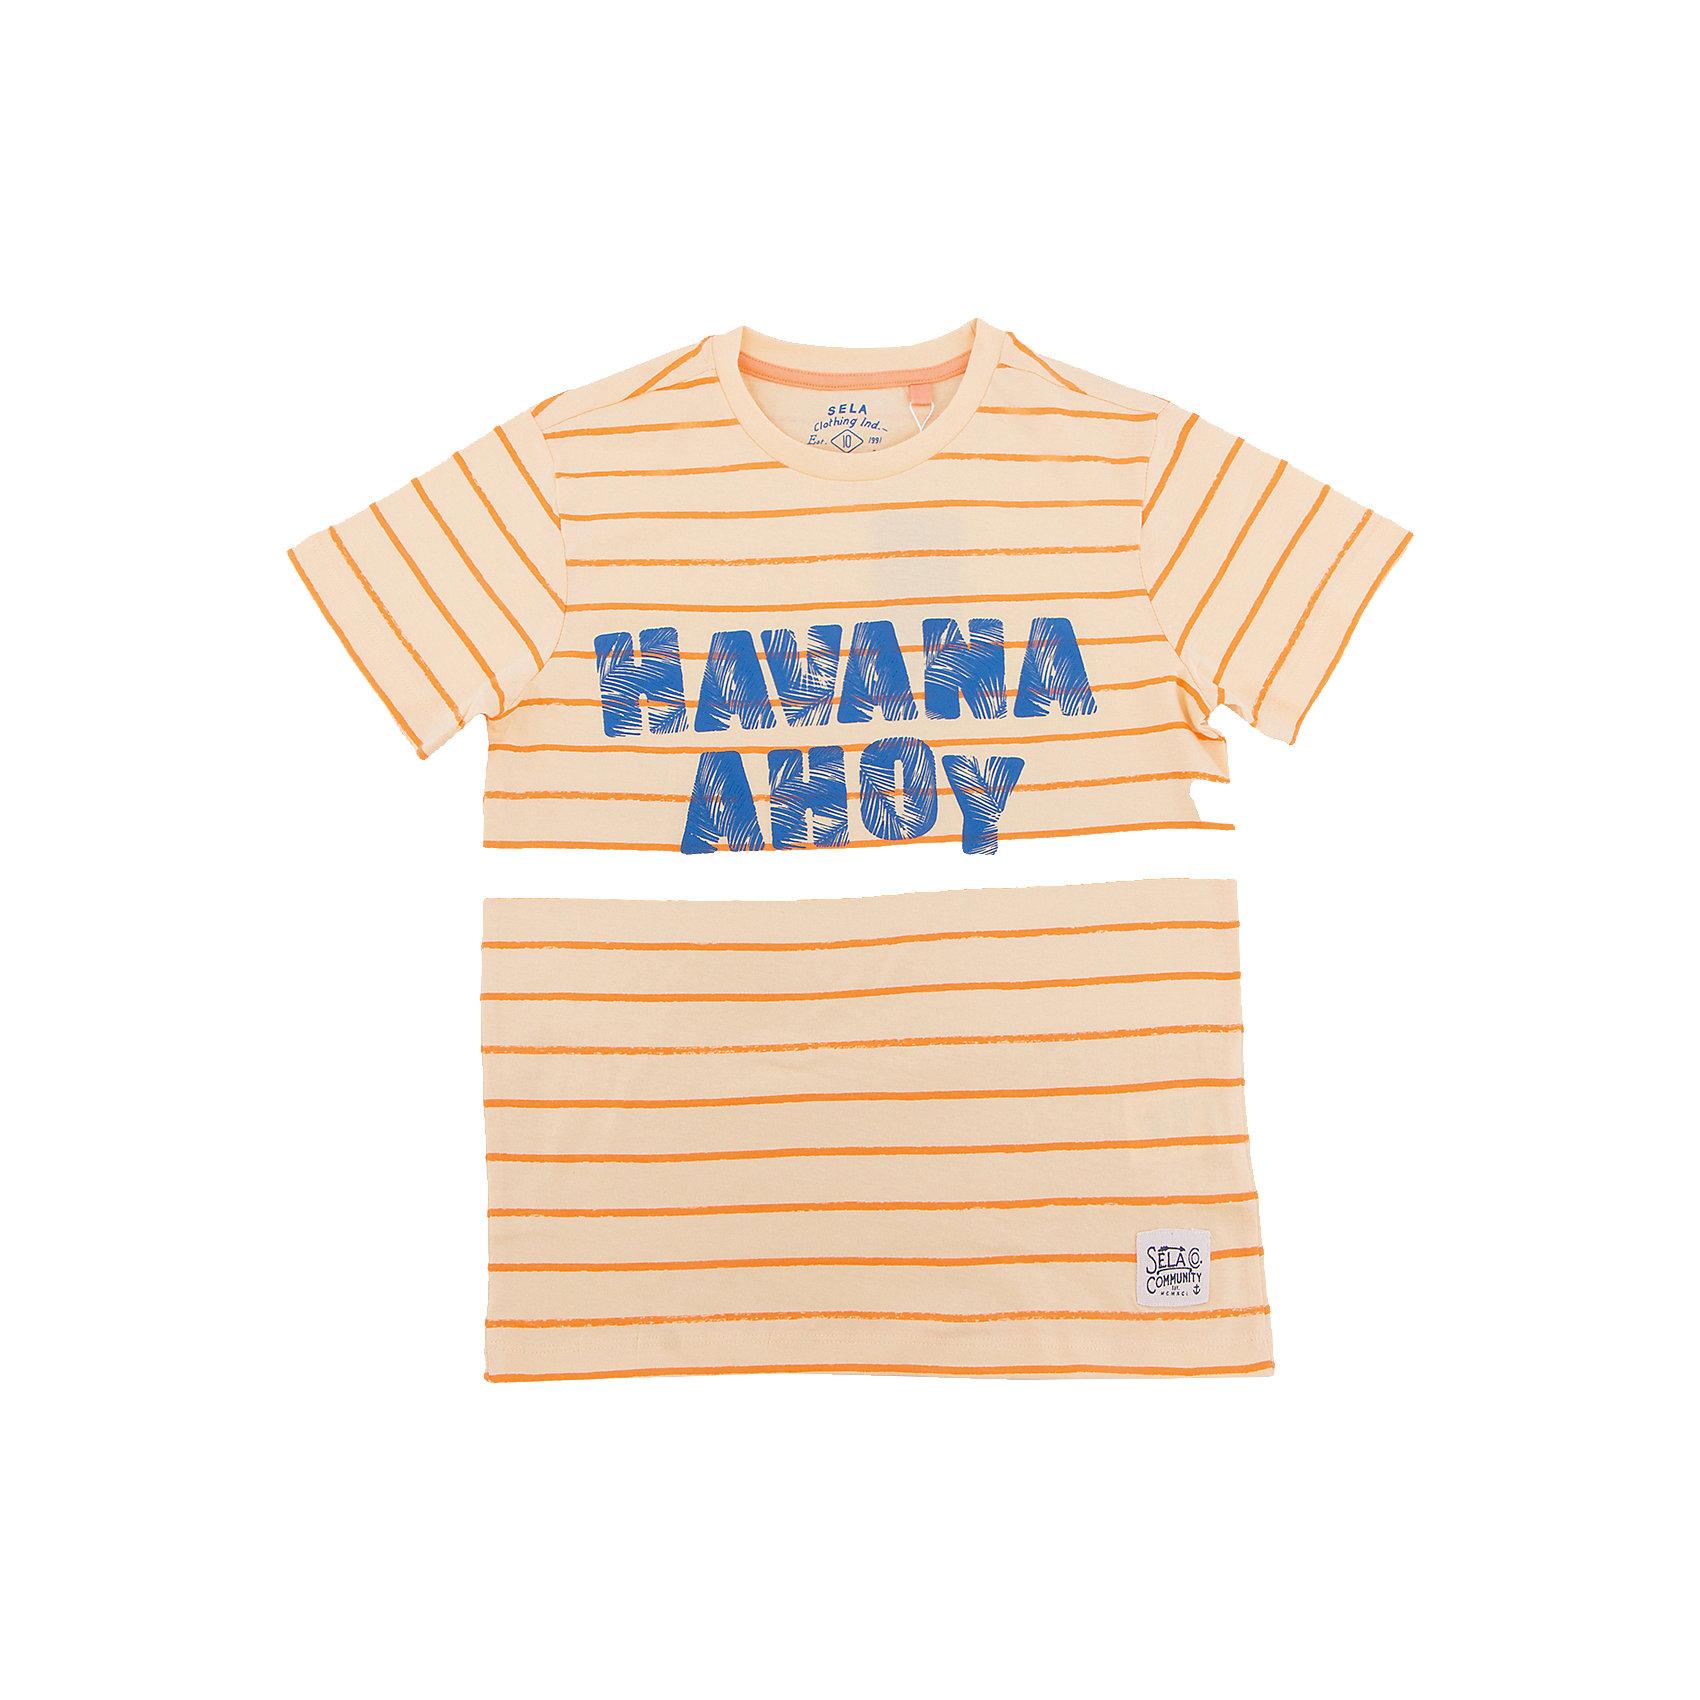 Футболка для мальчика SELAФутболки, поло и топы<br>Характеристики товара:<br><br>• состав: 100% хлопок<br>• декорирована принтом<br>• сезон: лето<br>• рукава короткие<br>• округлый горловой вырез<br>• страна бренда: Россия<br><br>Вещи из новой коллекции SELA продолжают радовать удобством! Эта футболка для мальчика поможет разнообразить гардероб ребенка и обеспечить комфорт. Она отлично сочетается с шортами и брюками. Стильная и удобная вещь!<br><br>Одежда, обувь и аксессуары от российского бренда SELA не зря пользуются большой популярностью у детей и взрослых! <br><br>Футболку для мальчика от популярного бренда SELA (СЕЛА) можно купить в нашем интернет-магазине.<br><br>Ширина мм: 230<br>Глубина мм: 40<br>Высота мм: 220<br>Вес г: 250<br>Цвет: желтый<br>Возраст от месяцев: 108<br>Возраст до месяцев: 120<br>Пол: Мужской<br>Возраст: Детский<br>Размер: 134,146,152,122,128,140<br>SKU: 5304190